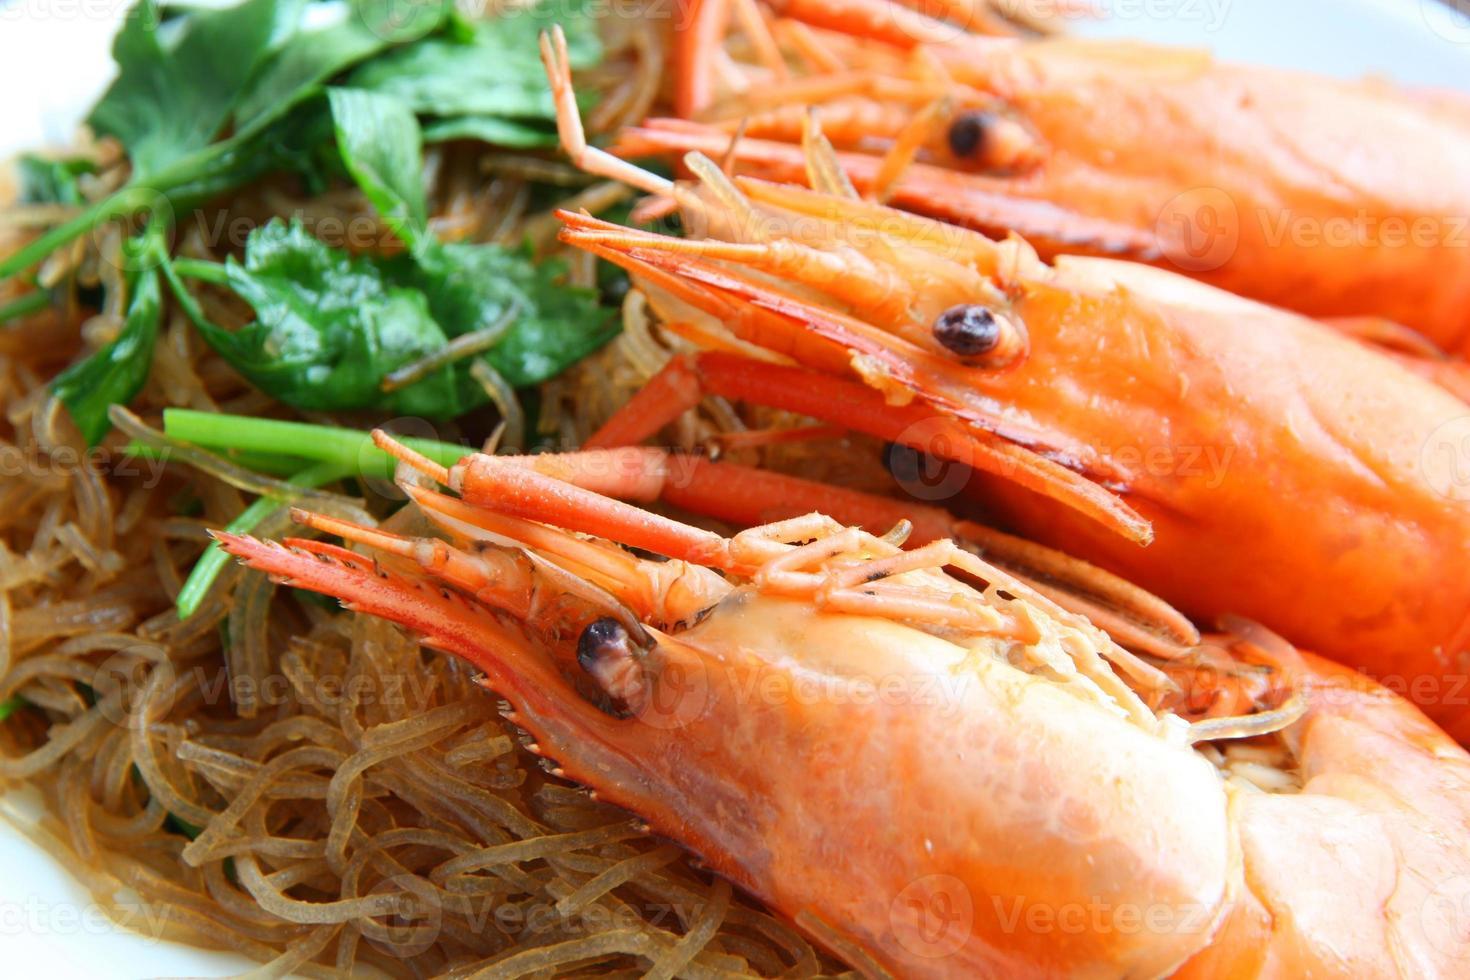 vermicelles de crevettes. nourriture thaï photo